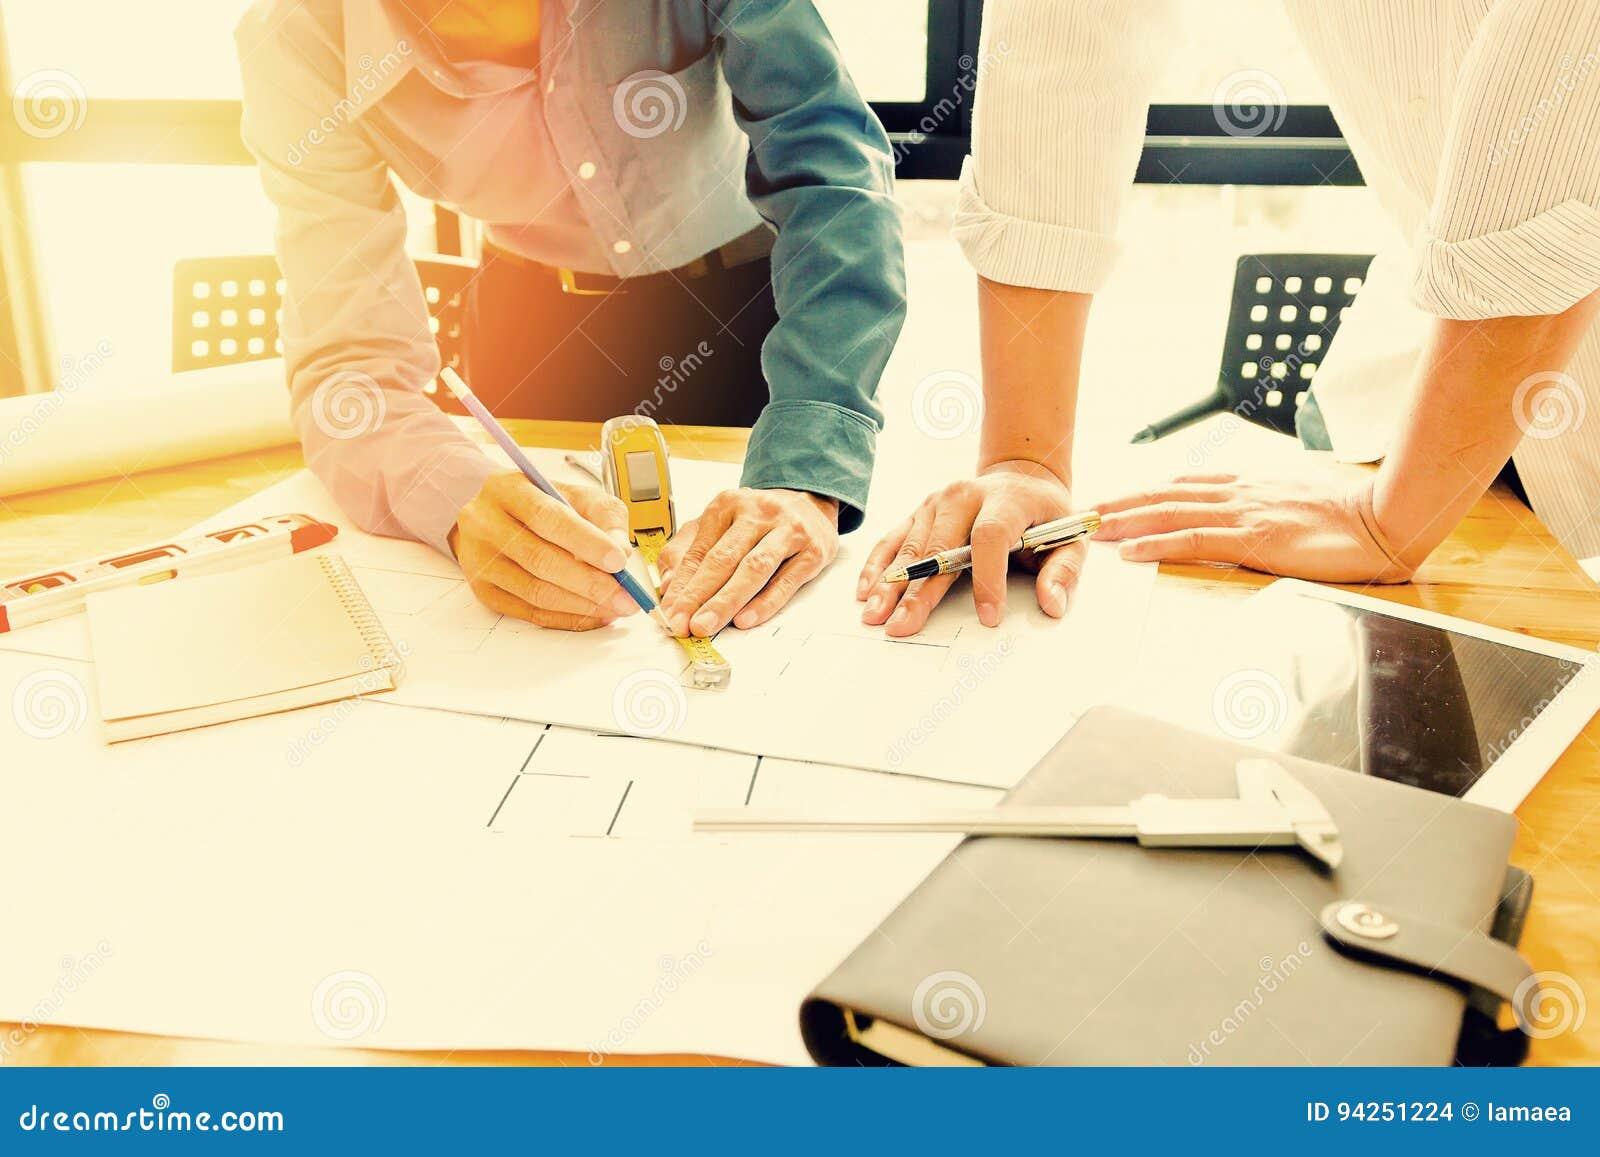 Ufficio Di Un Architetto : Gruppo degli ingegneri che lavorano insieme in un ufficio di